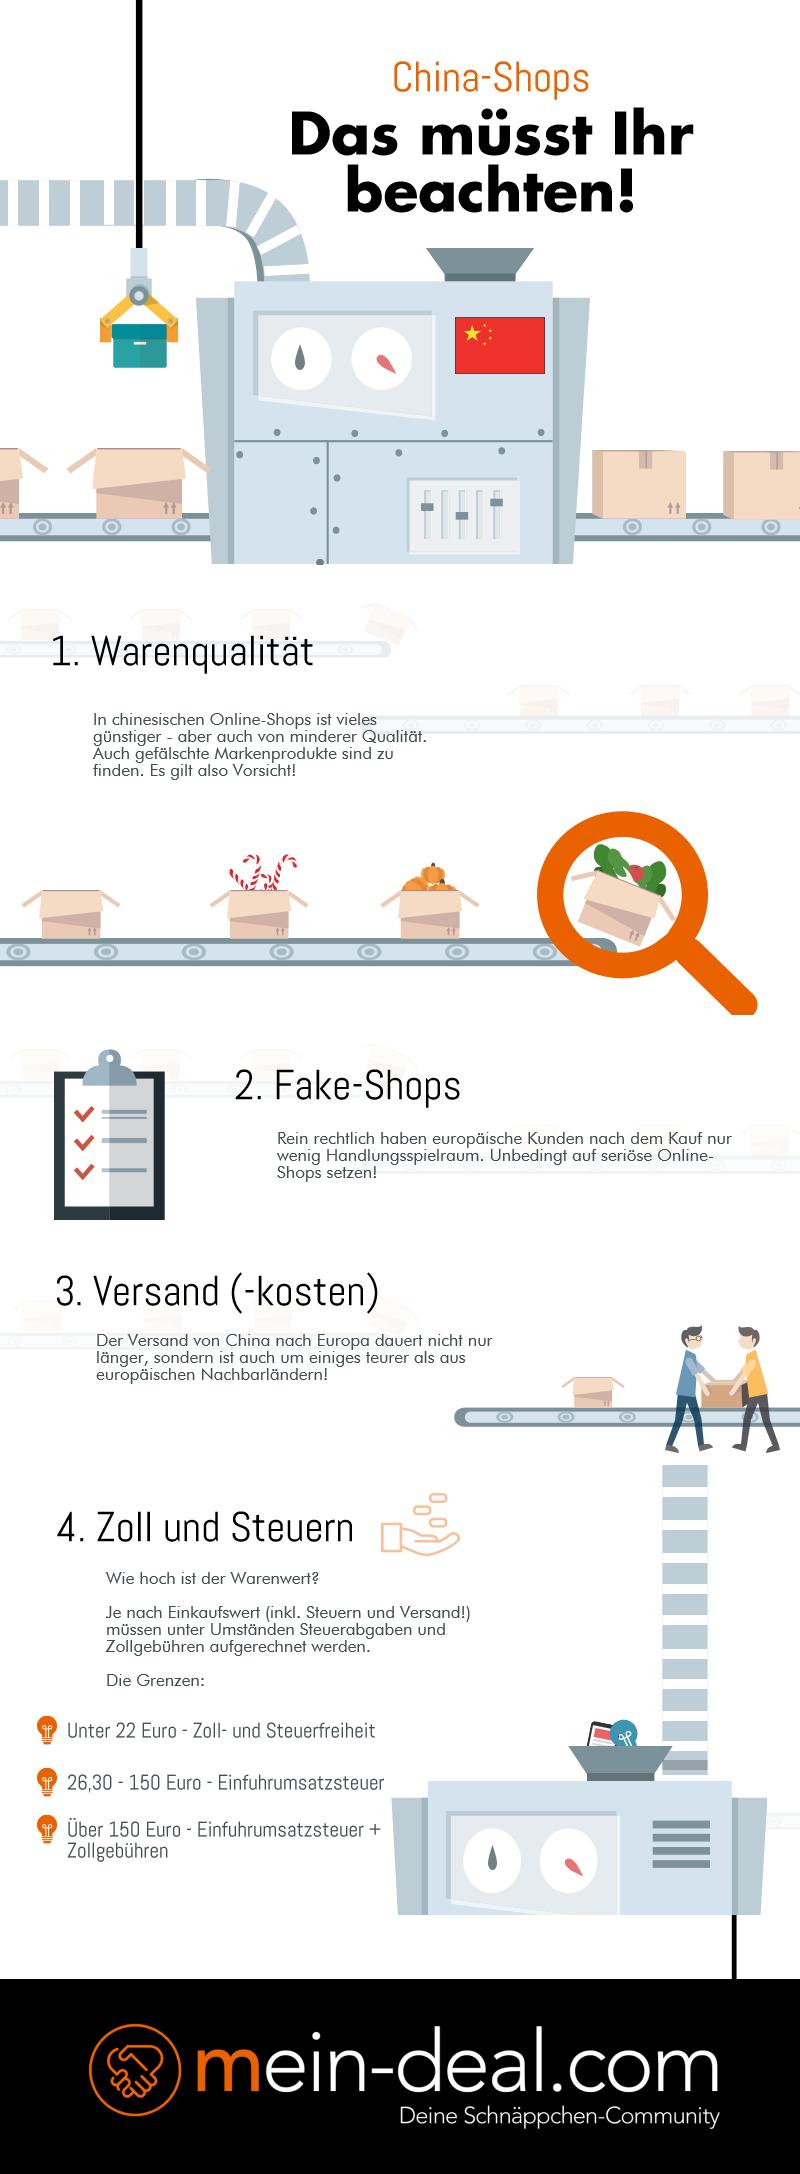 Günstig einkaufen in China Shops – darauf müsst Ihr achten!